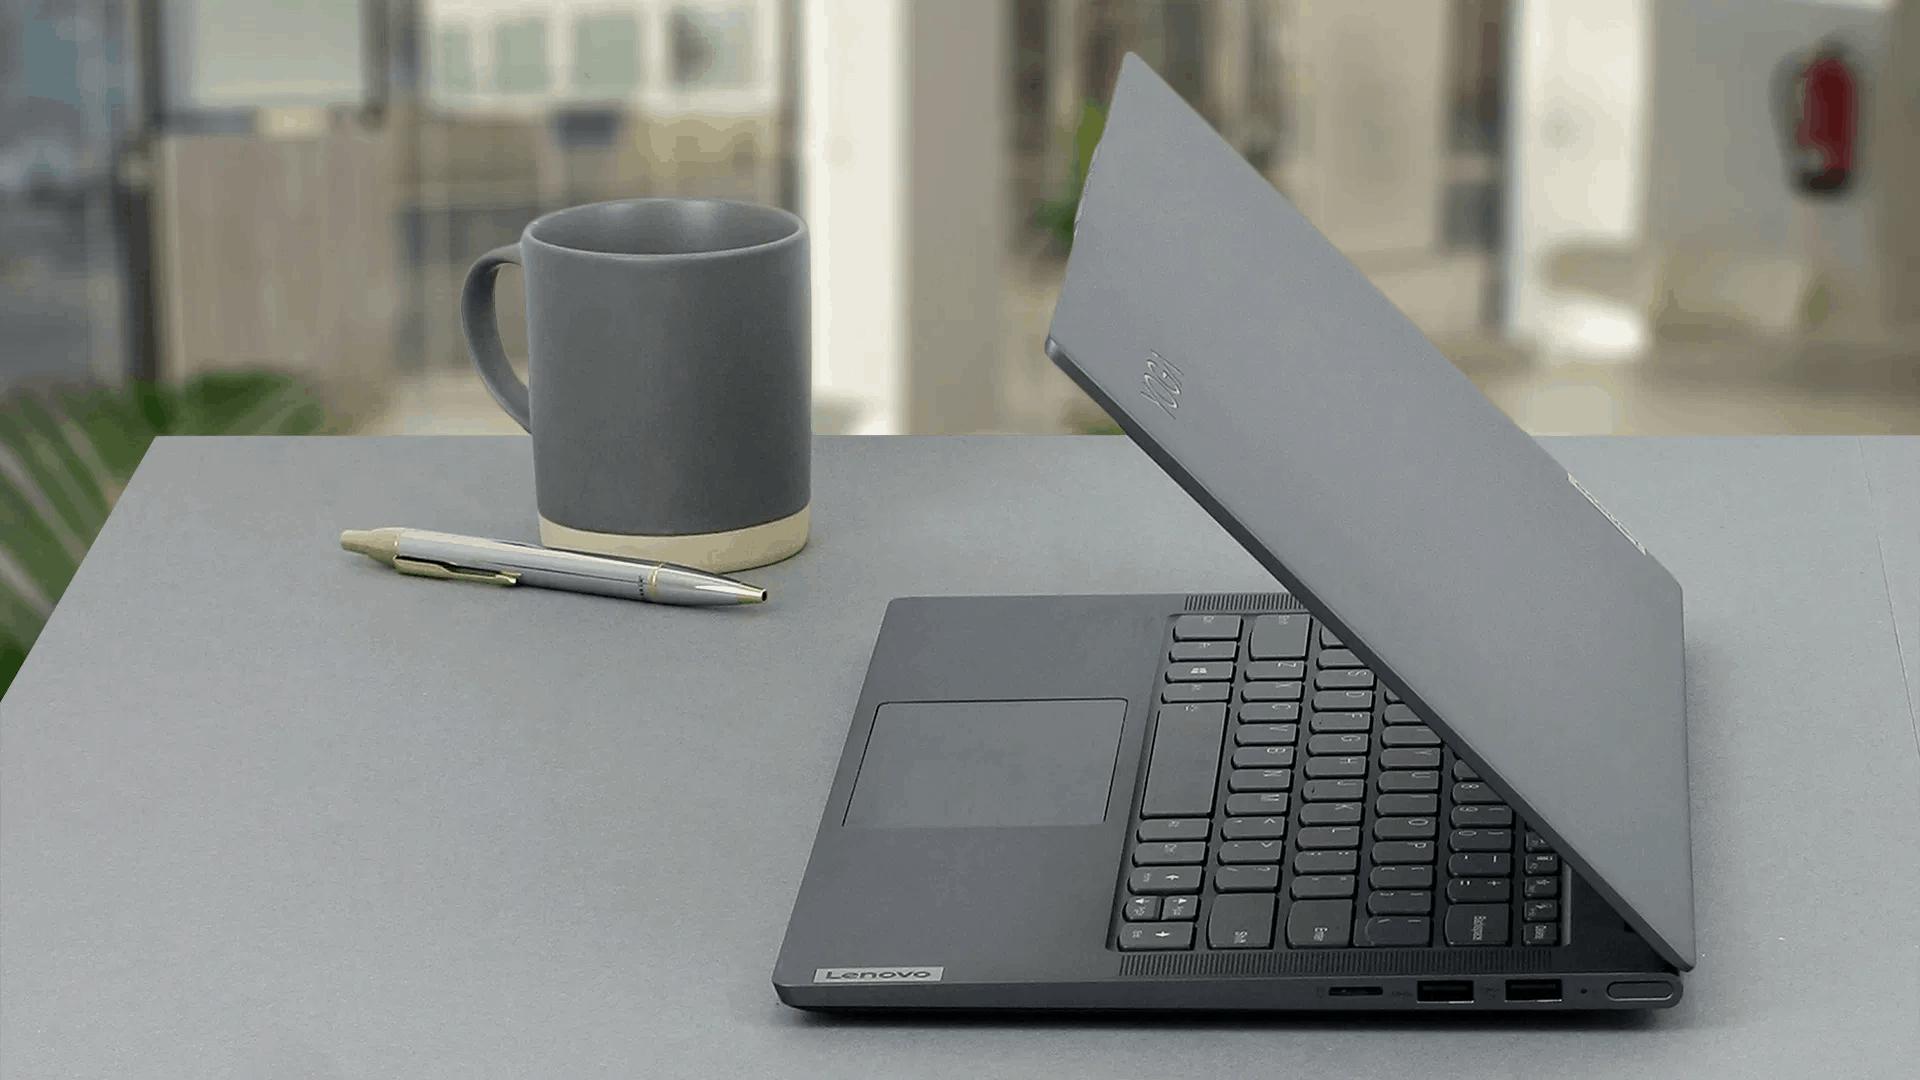 Best Black Friday Laptop Deals November 2020